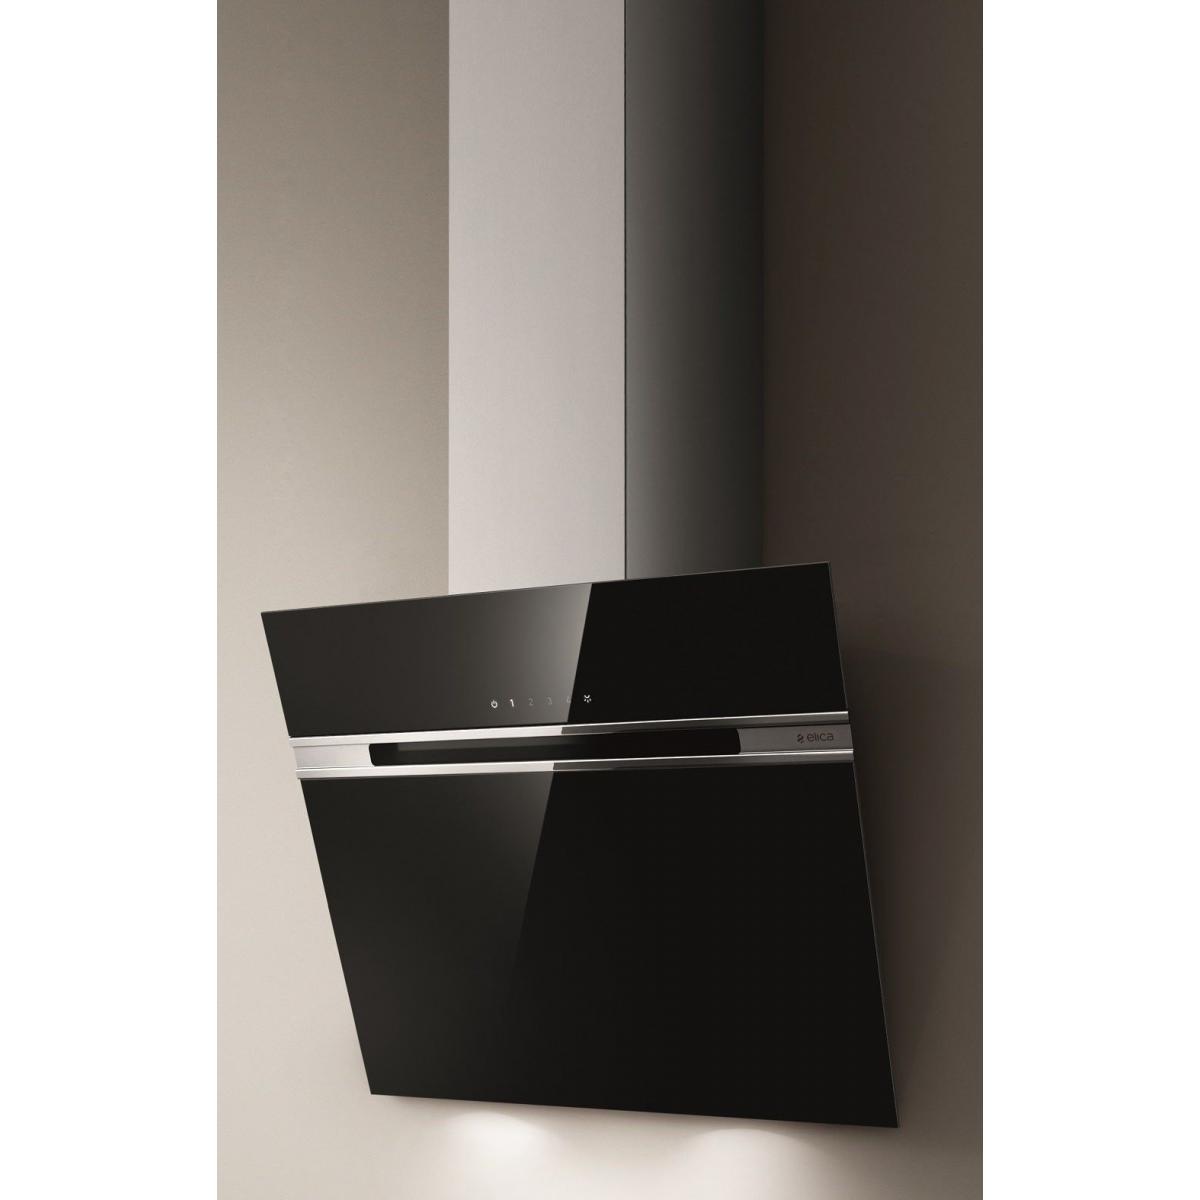 Elica Hotte décorative 757m³/h ELICA 59.8cm B, STRIPE BL A 60 LX